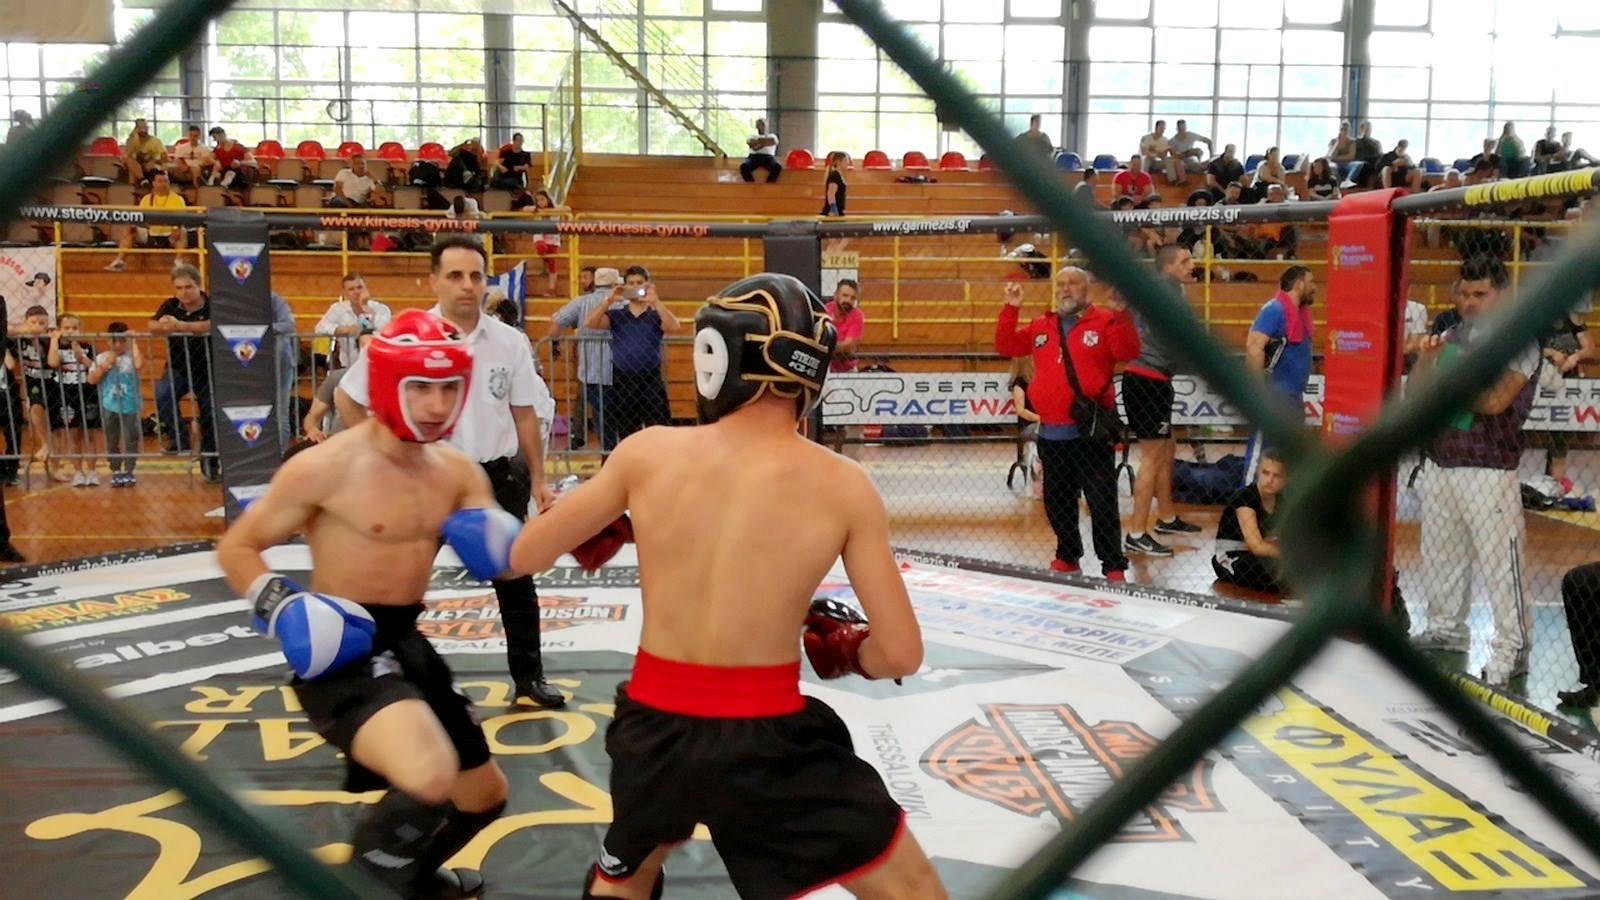 ЗА НЕД ДО со 14 медали за Македонија од Светскиот куп во боречки вештини во Грција